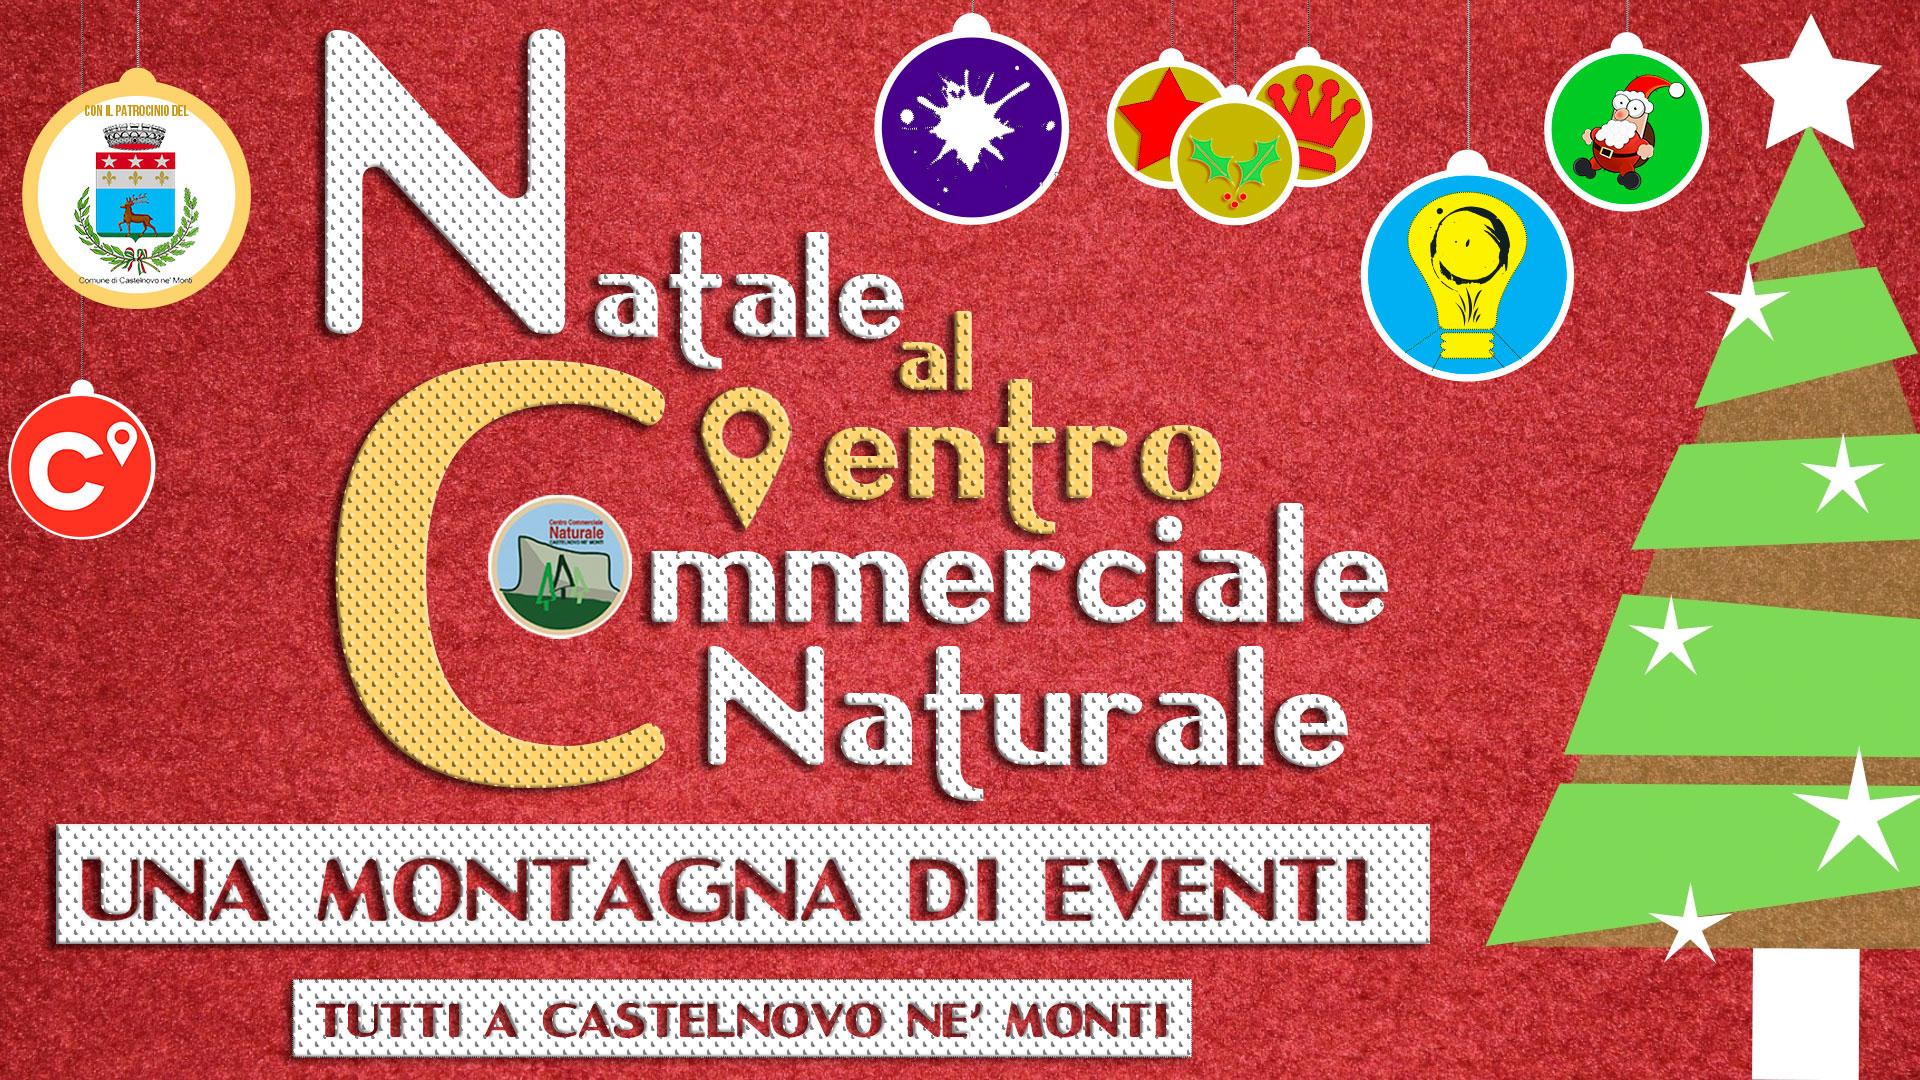 Calendario Per Sito Web.Natale 2018 Centro Commerciale Naturale Eventi Calendario